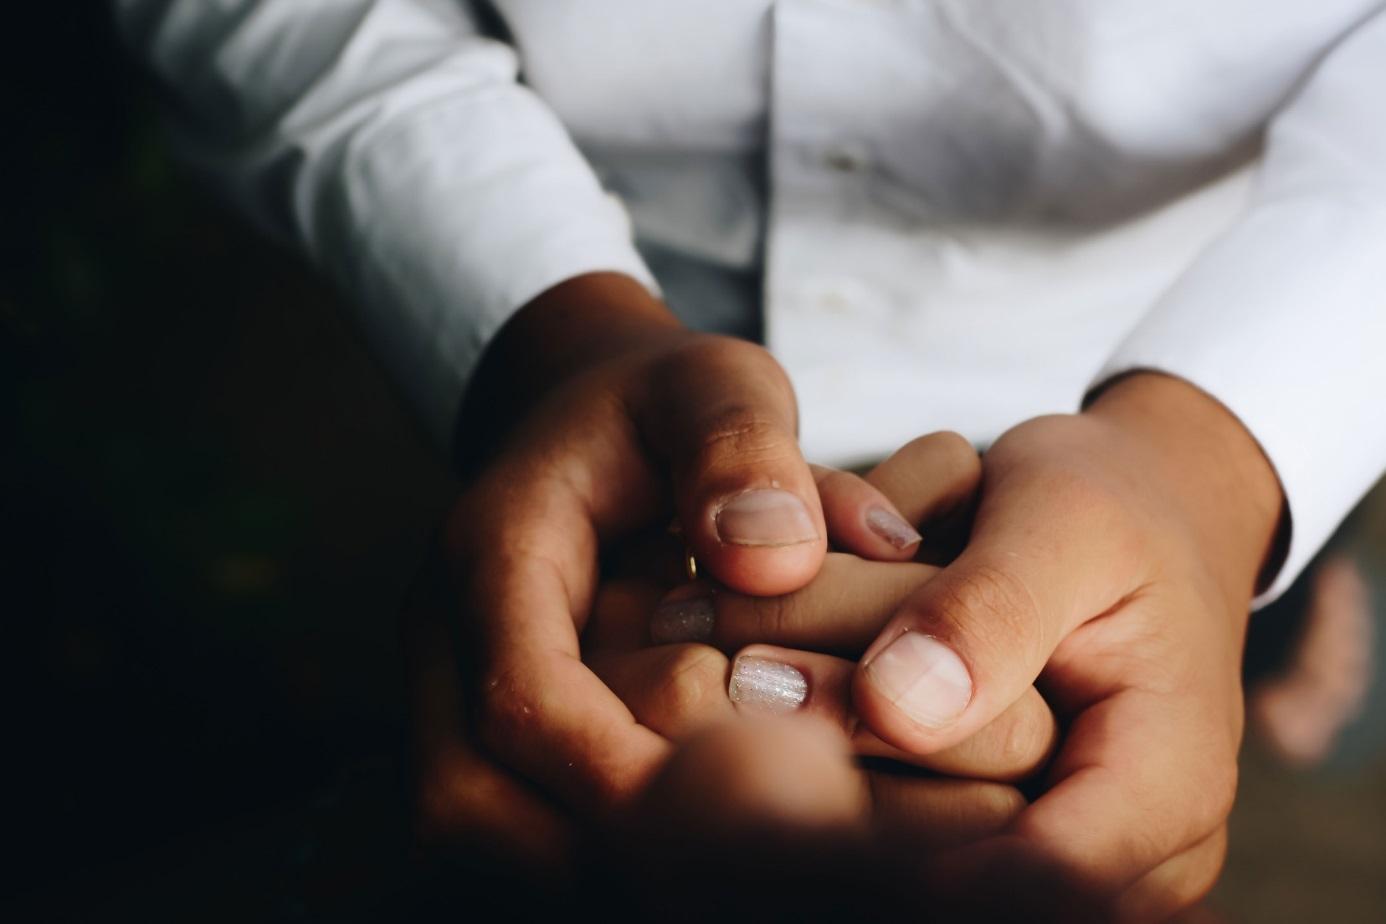 Männerhände umlegen eine andere Hand mit lackierten Fingernägeln.